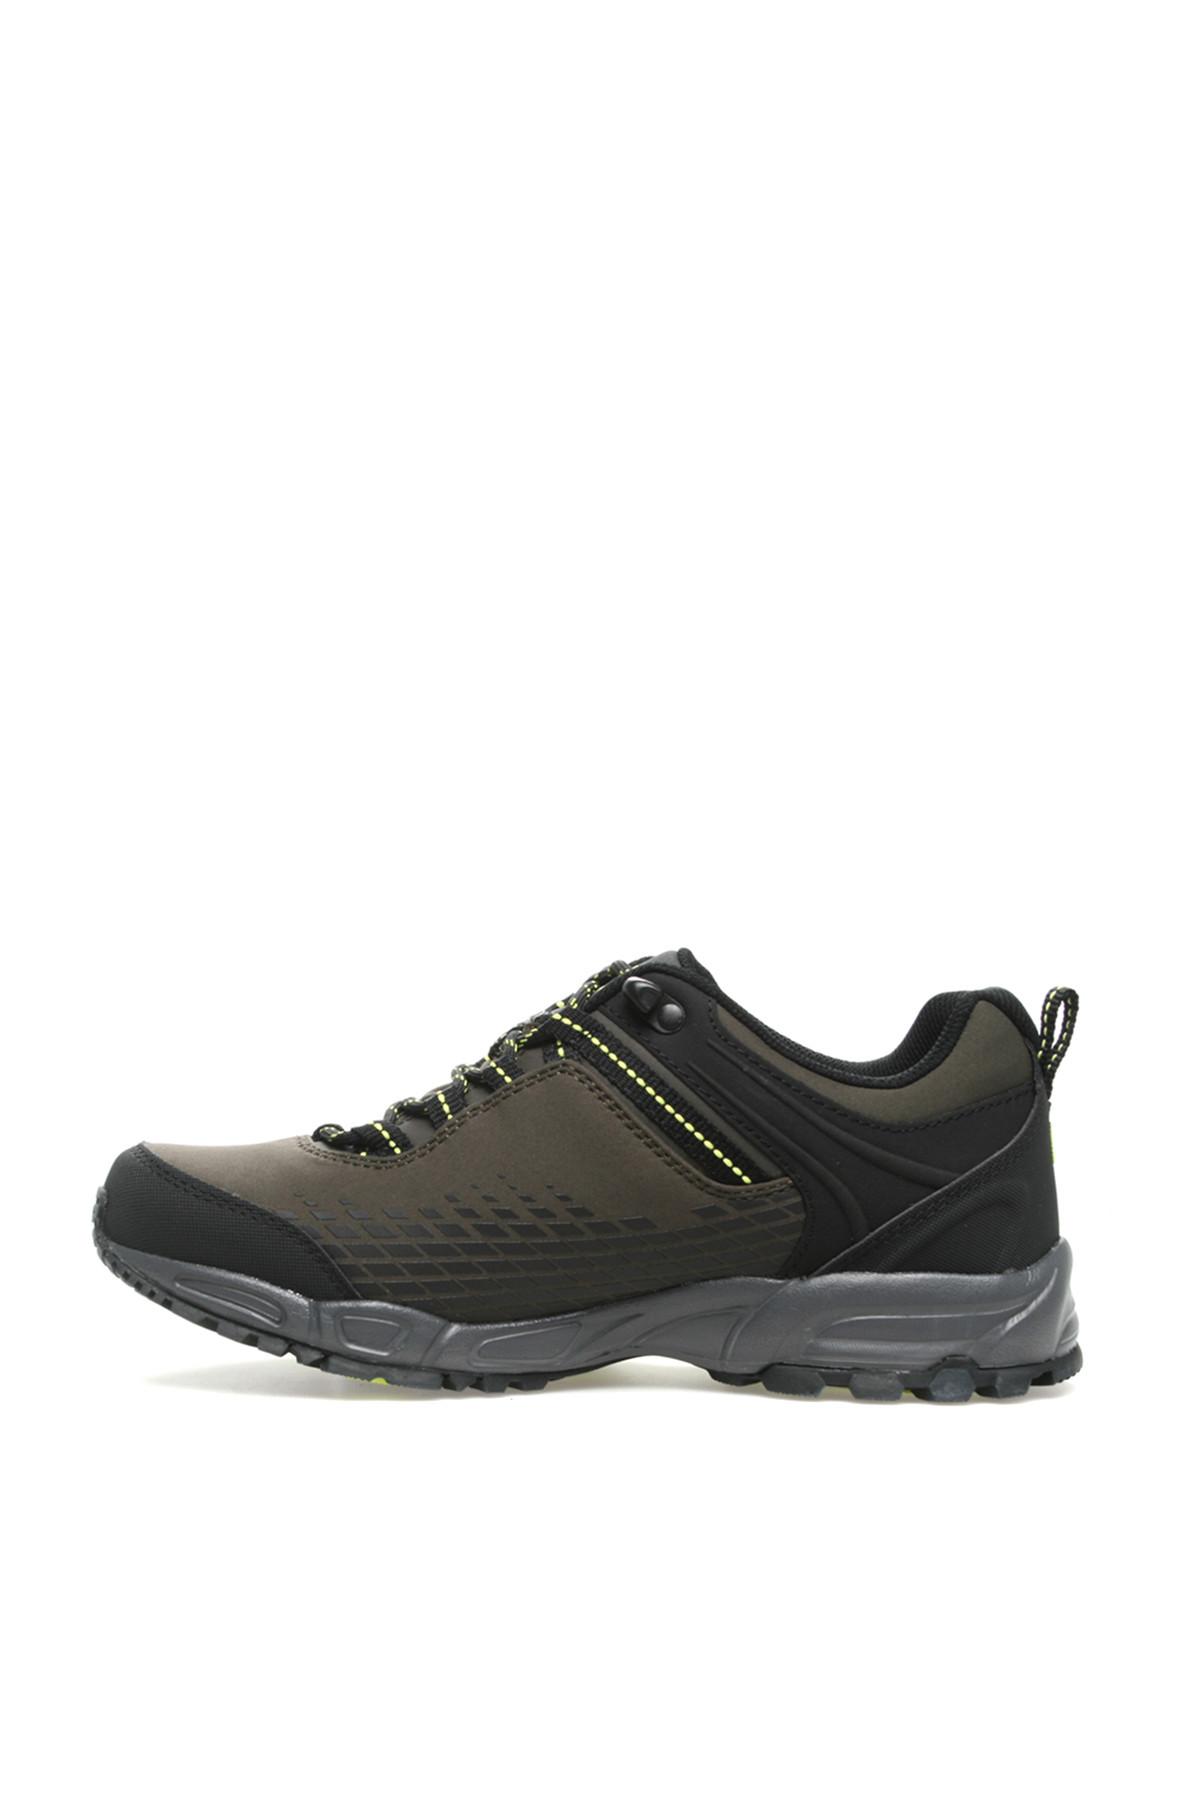 lumberjack Su Geçirmez Haki Erkek Ayakkabı FLAKE 2